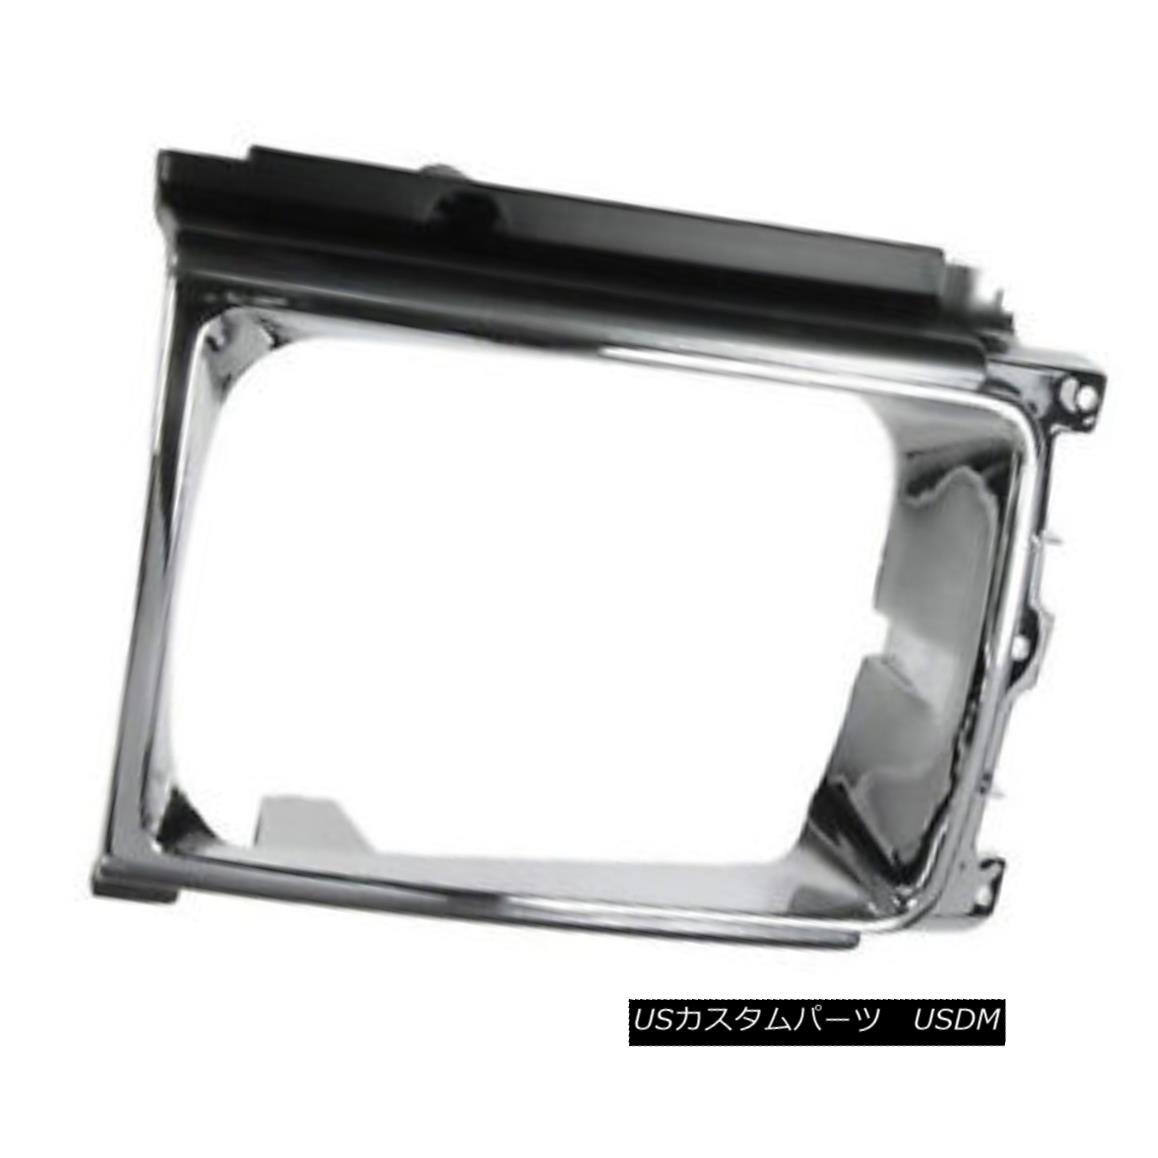 グリル New Headlight Door Chrome & Silver Driver Side for 4 wheel drive 630-50077AL 新しいヘッドライトドアクローム& 4輪駆動用シルバードライバーサイド630-50077AL